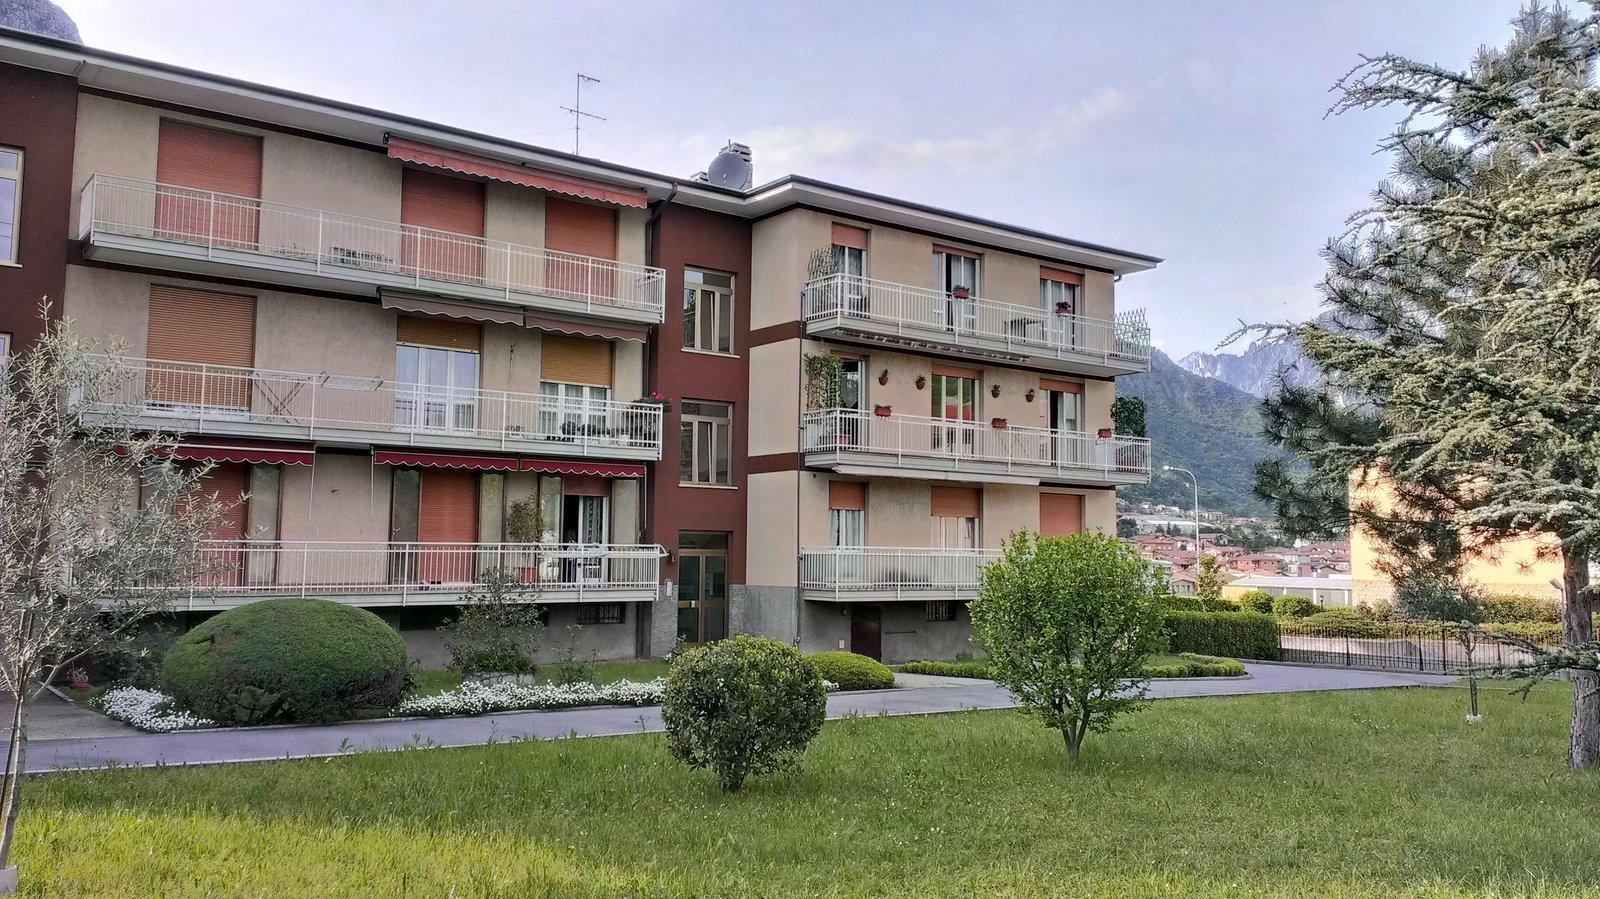 Appartamento in vendita a Civate, 3 locali, prezzo € 110.000 | Cambio Casa.it